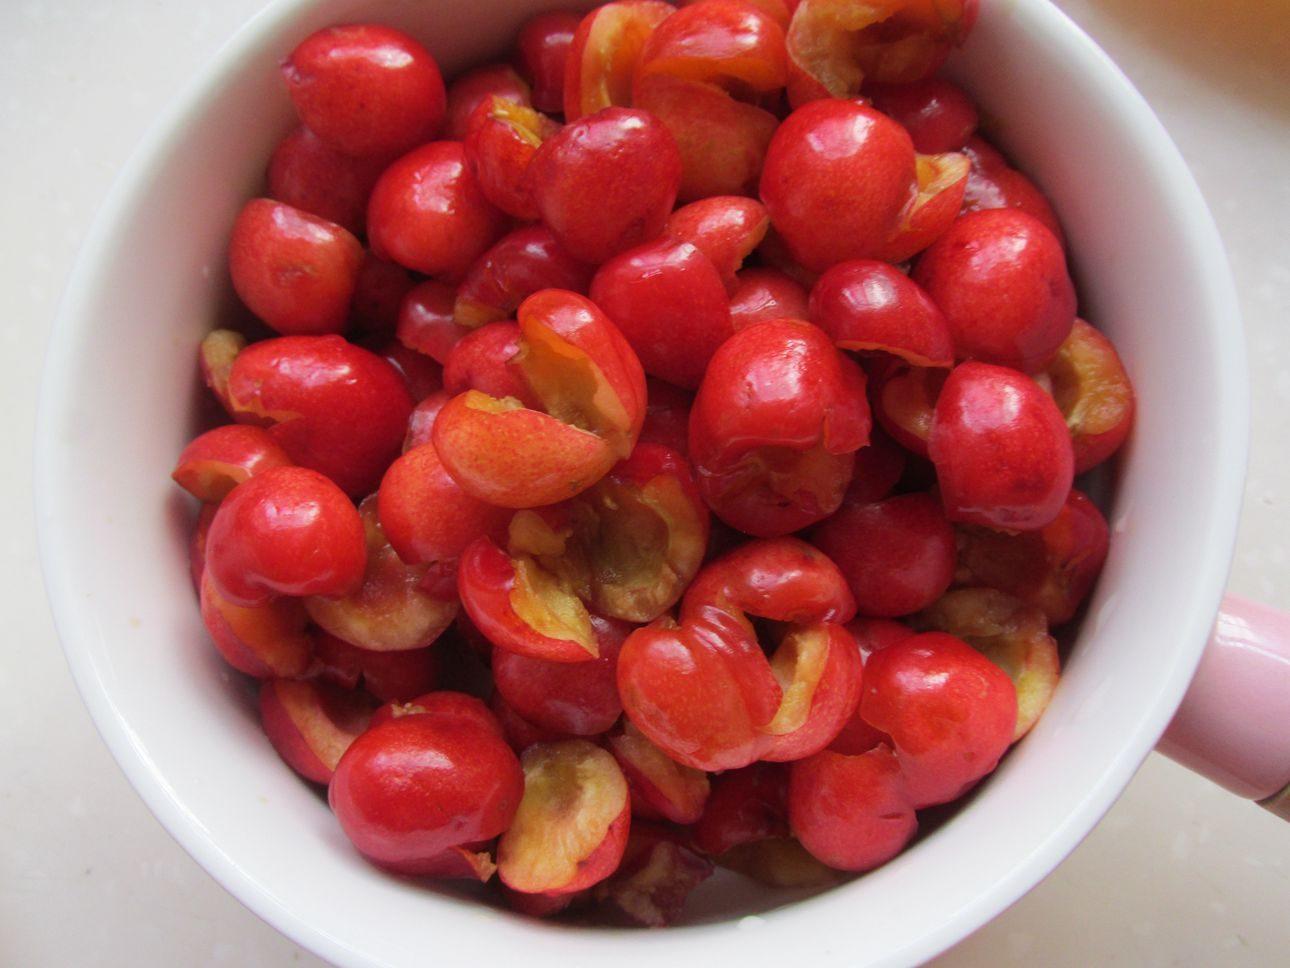 它的钙含量比普通水果高20倍,健脑益智还祛湿,多做1步味道超好